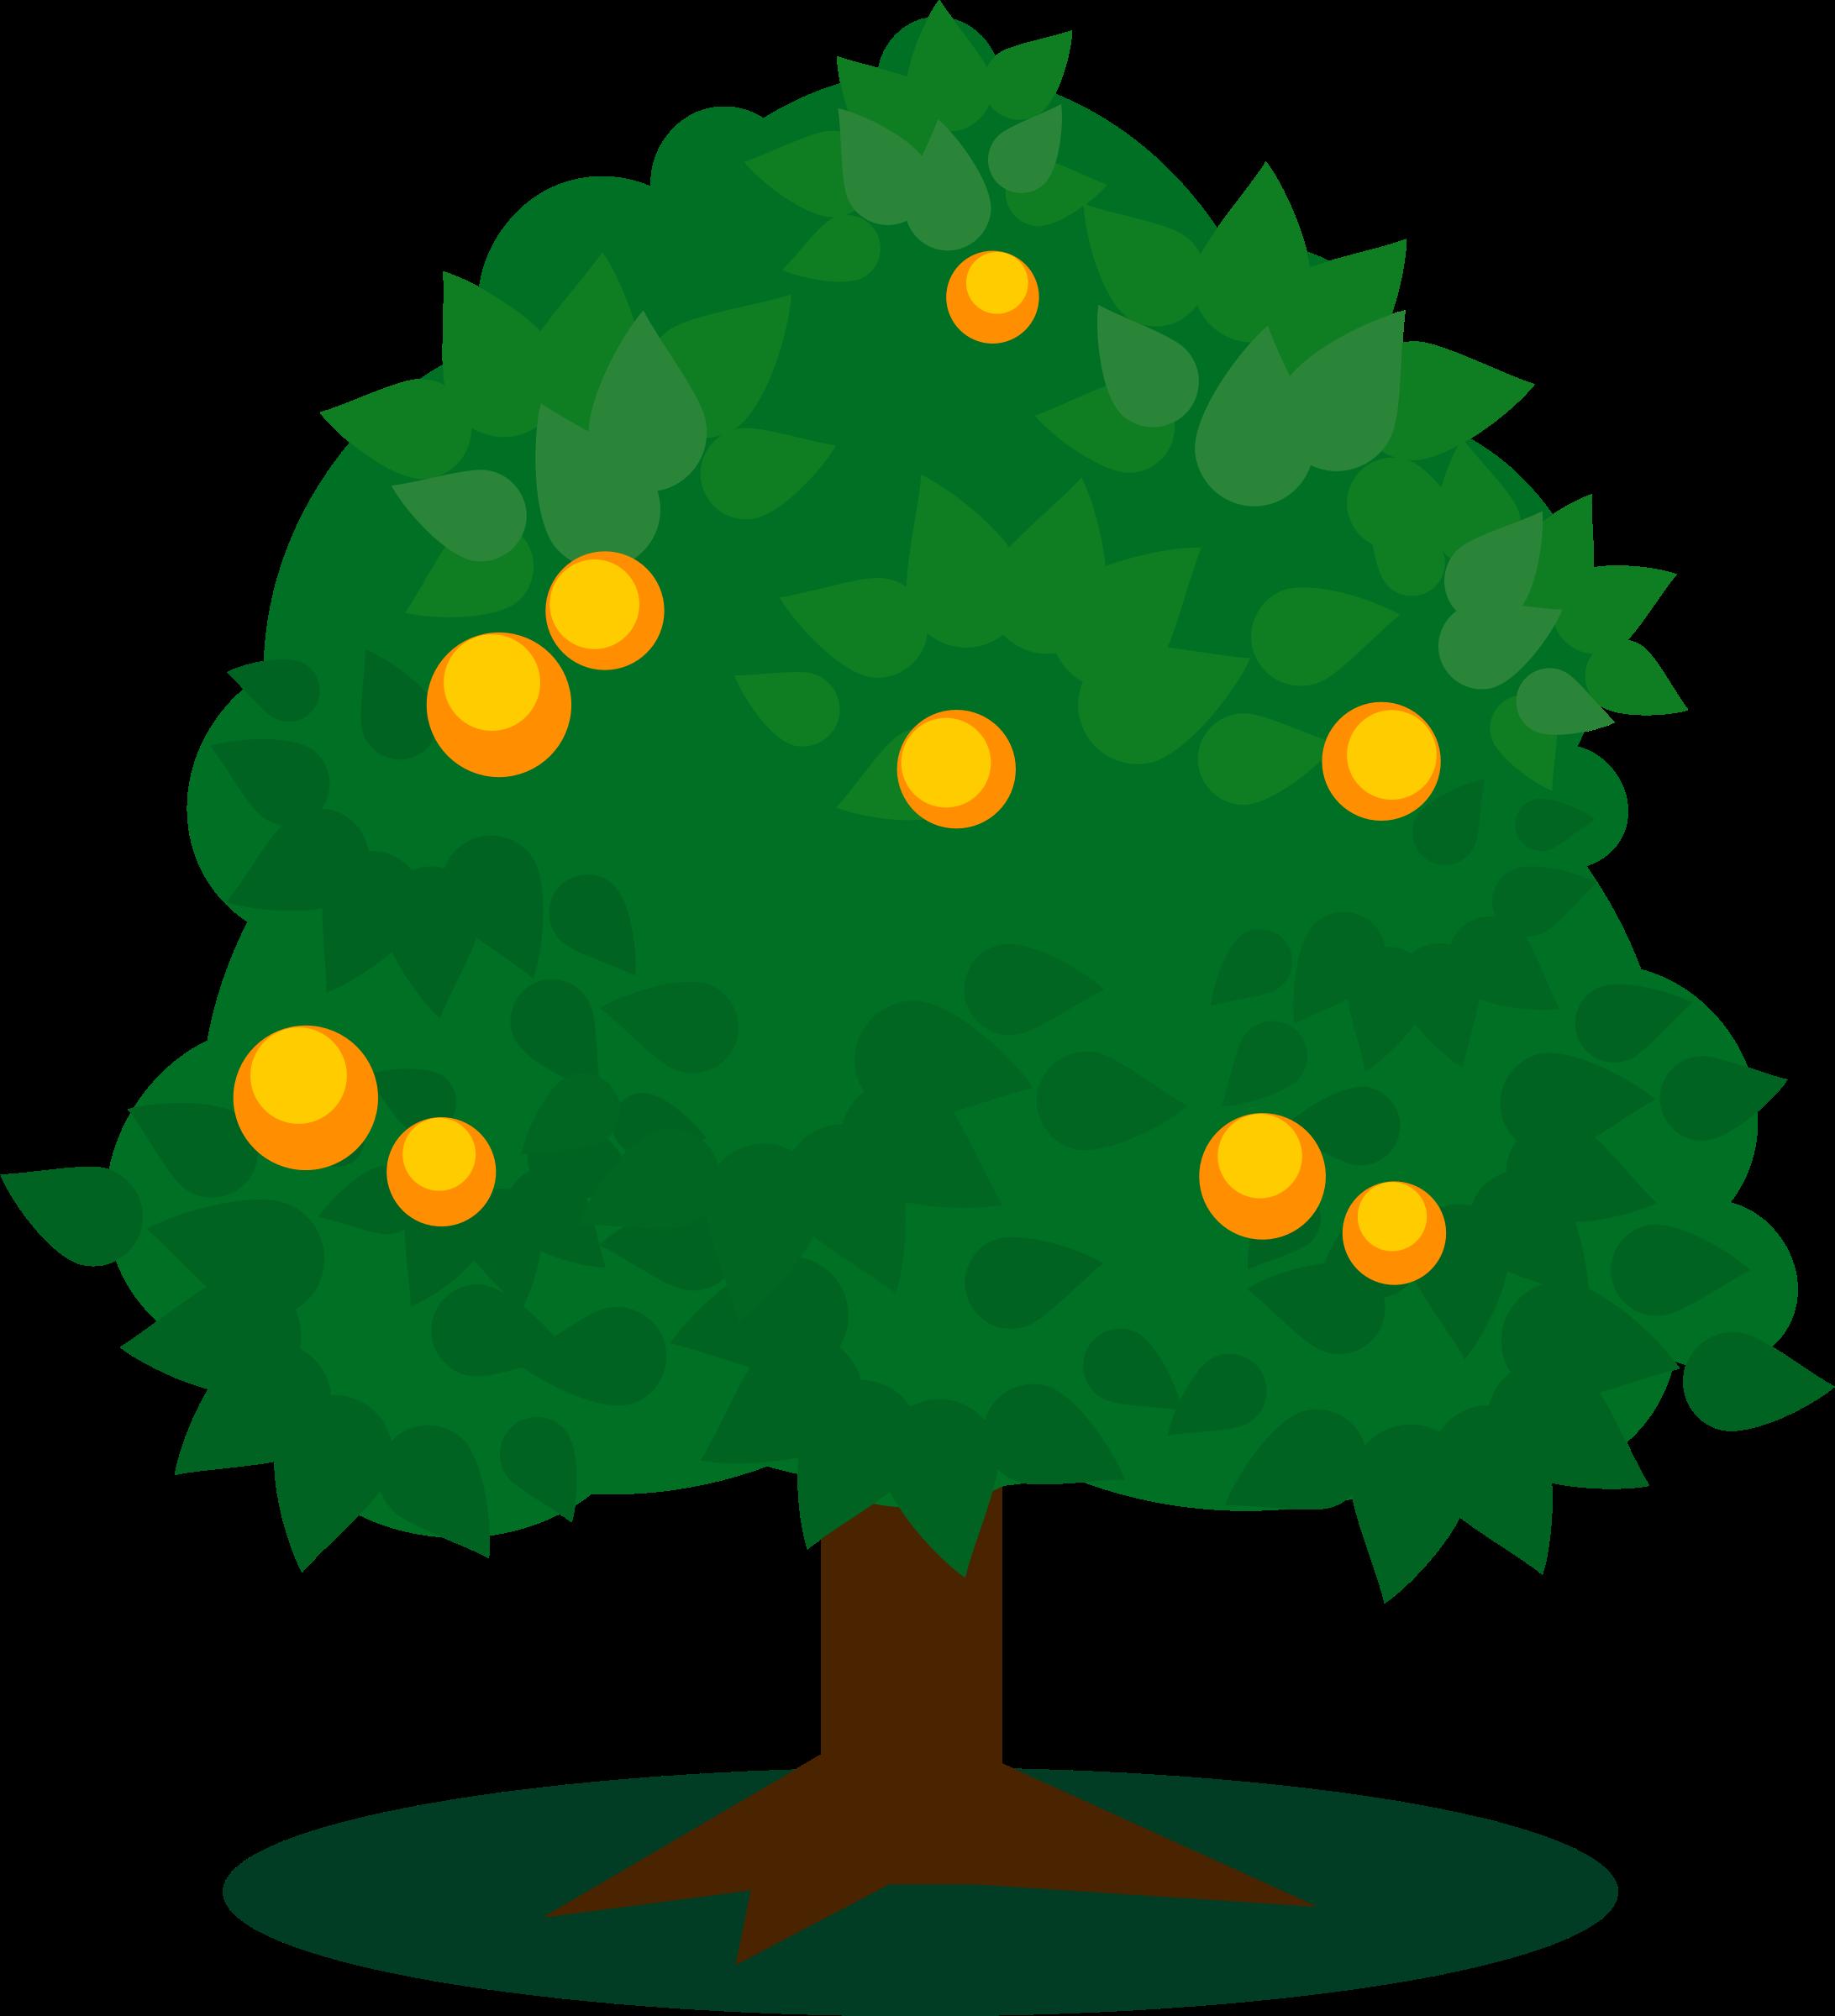 Clipart - Tree 4